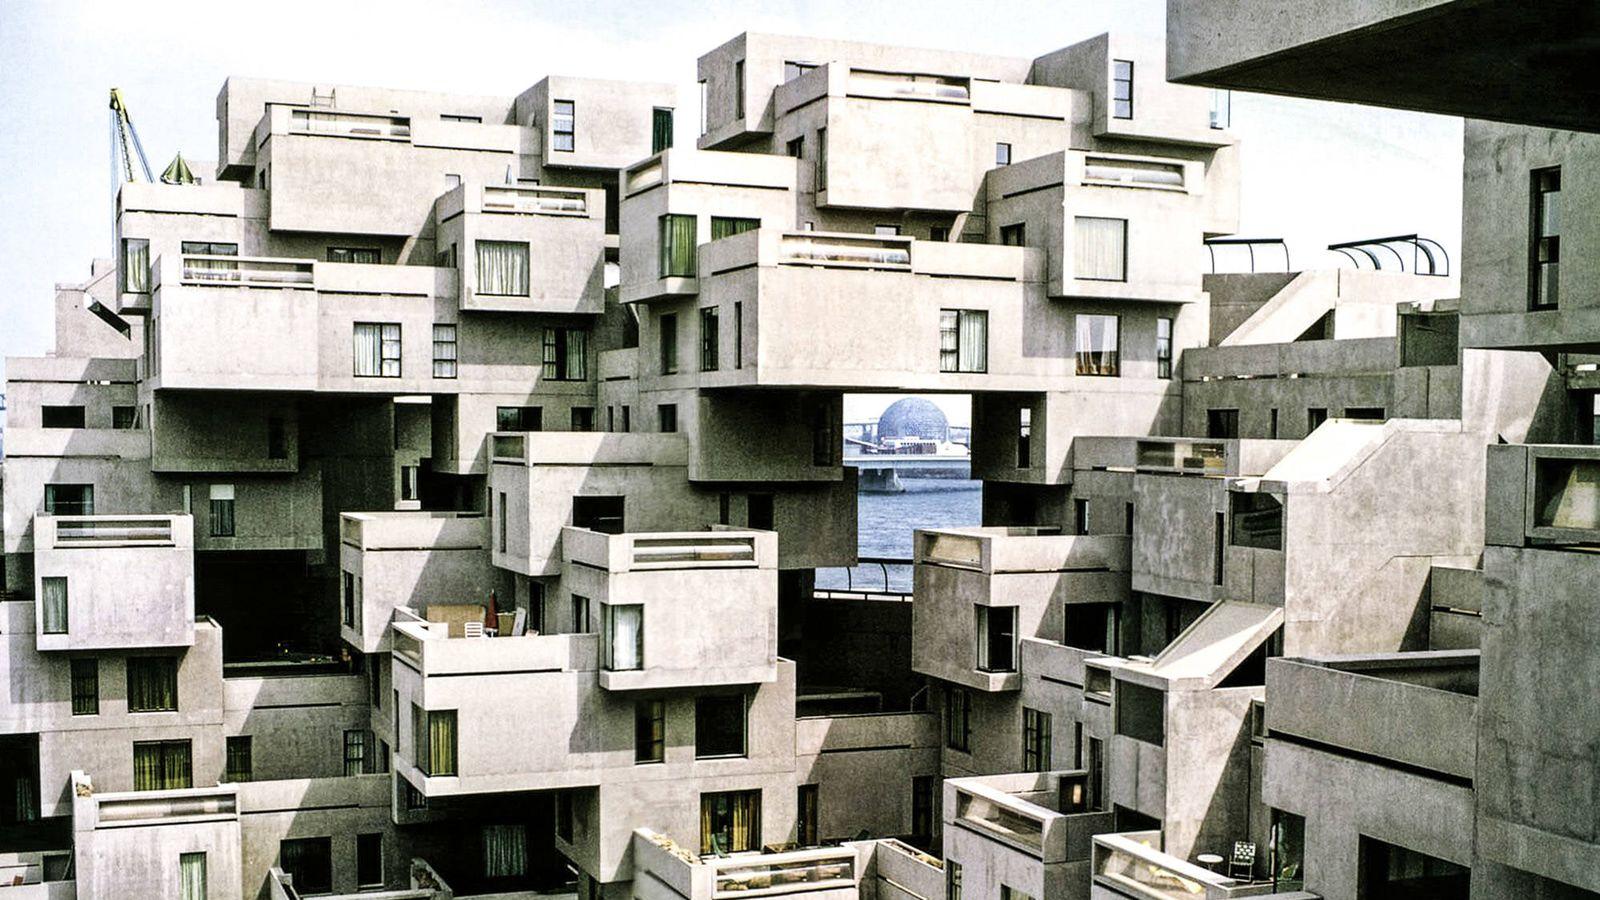 Artes arquitectura brutalista noticias de reportajes Arquitectura brutalista